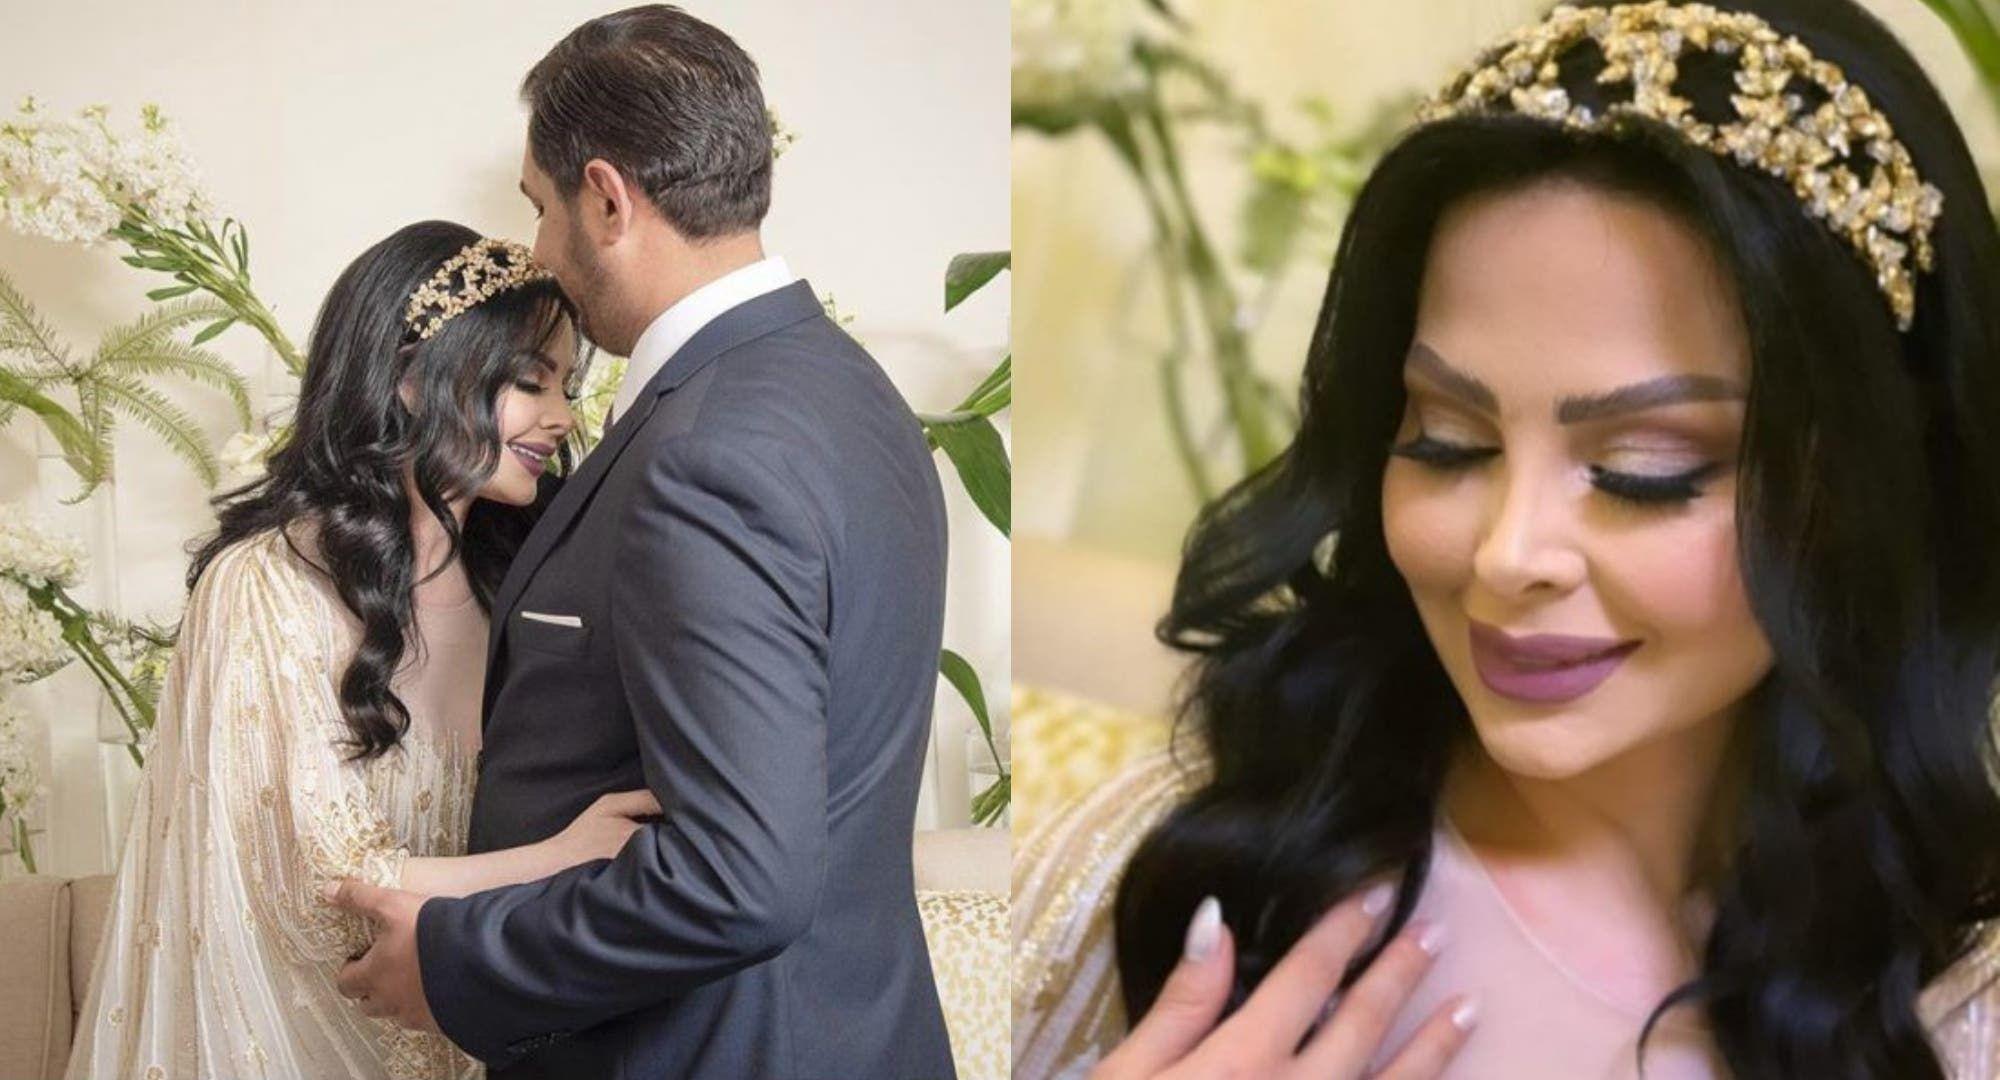 ديانا كرزون تزف للجمهور خبر ا سار ا بالعباءة الأردنية والوشاح الأبيض Wedding Dresses Dresses Fashion